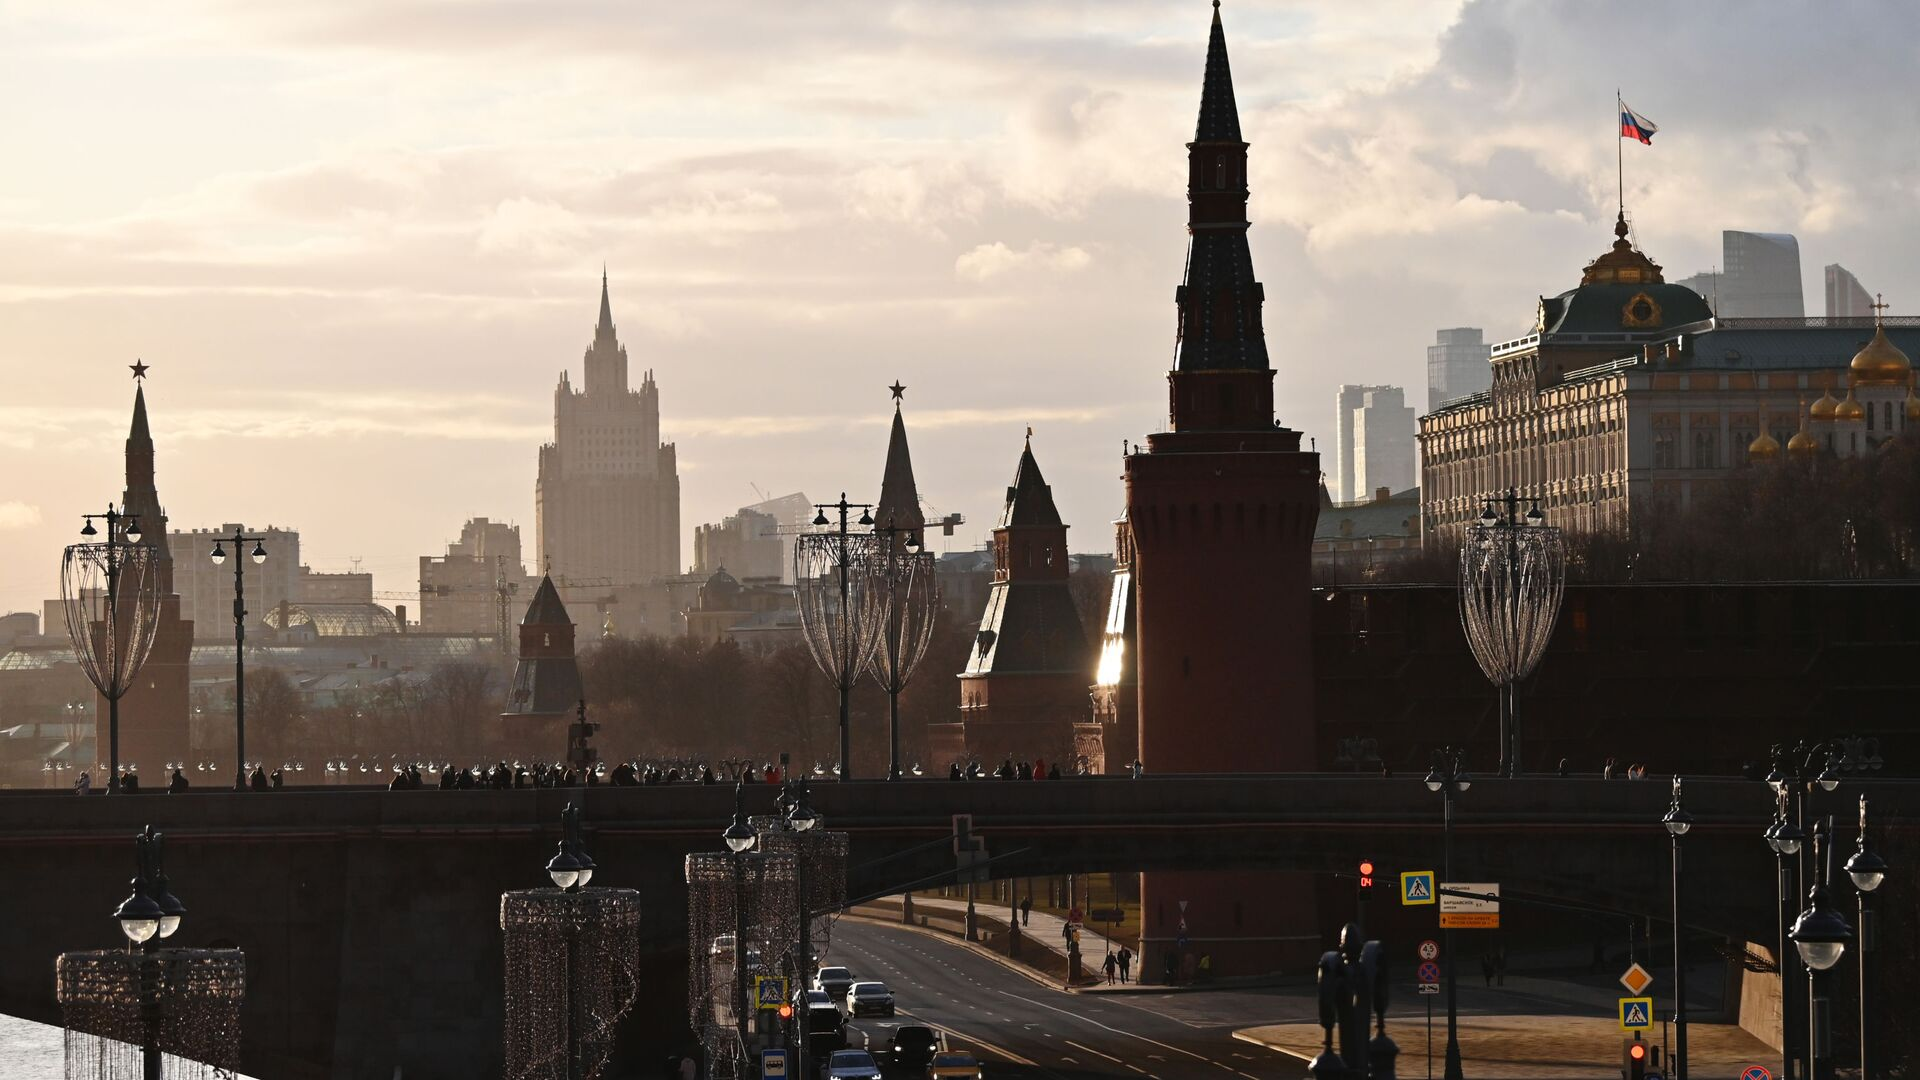 El Kremlin y el Ministerio de Exteriores de Rusia en Moscú - Sputnik Mundo, 1920, 25.03.2021